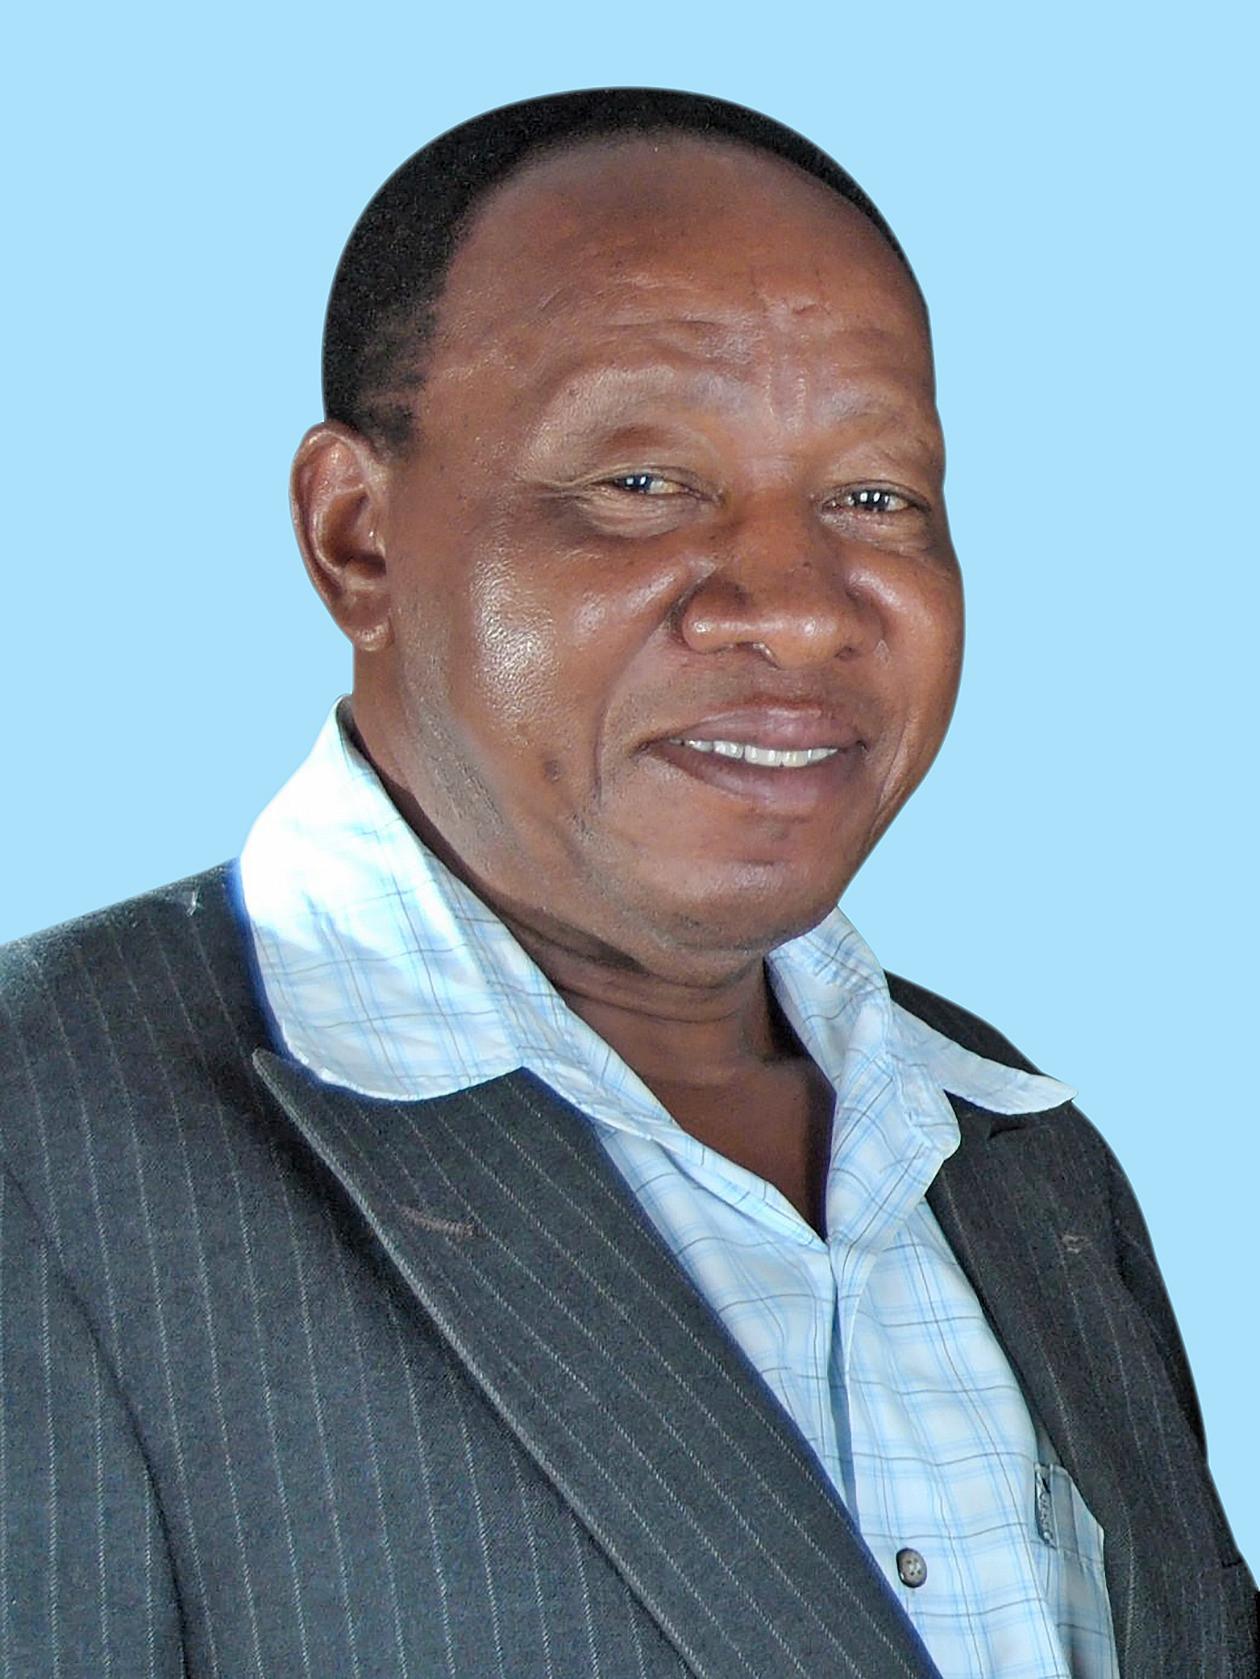 Peter Mwaura Karanja